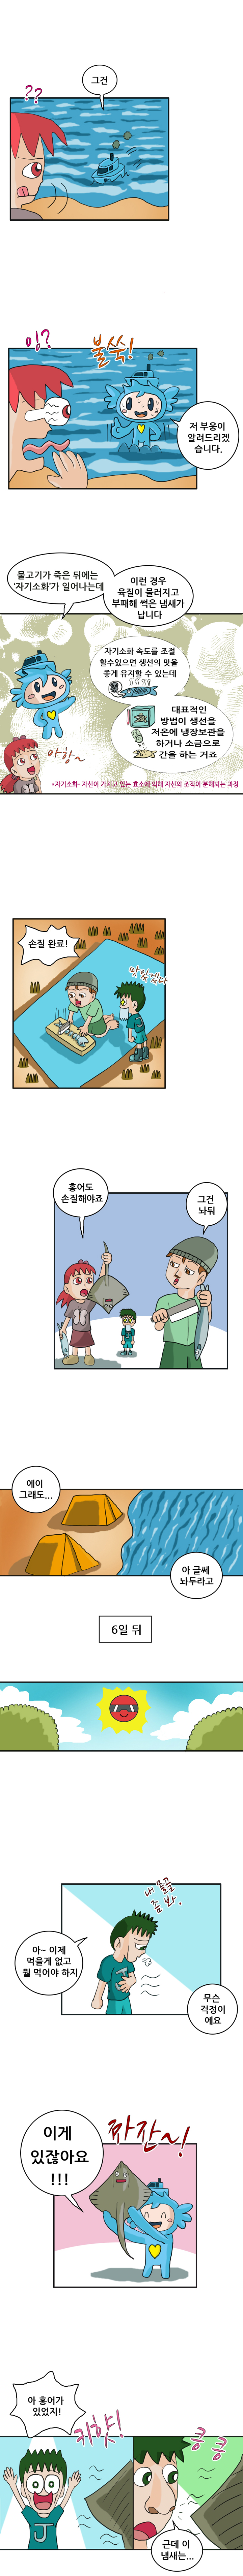 홍어과학-02